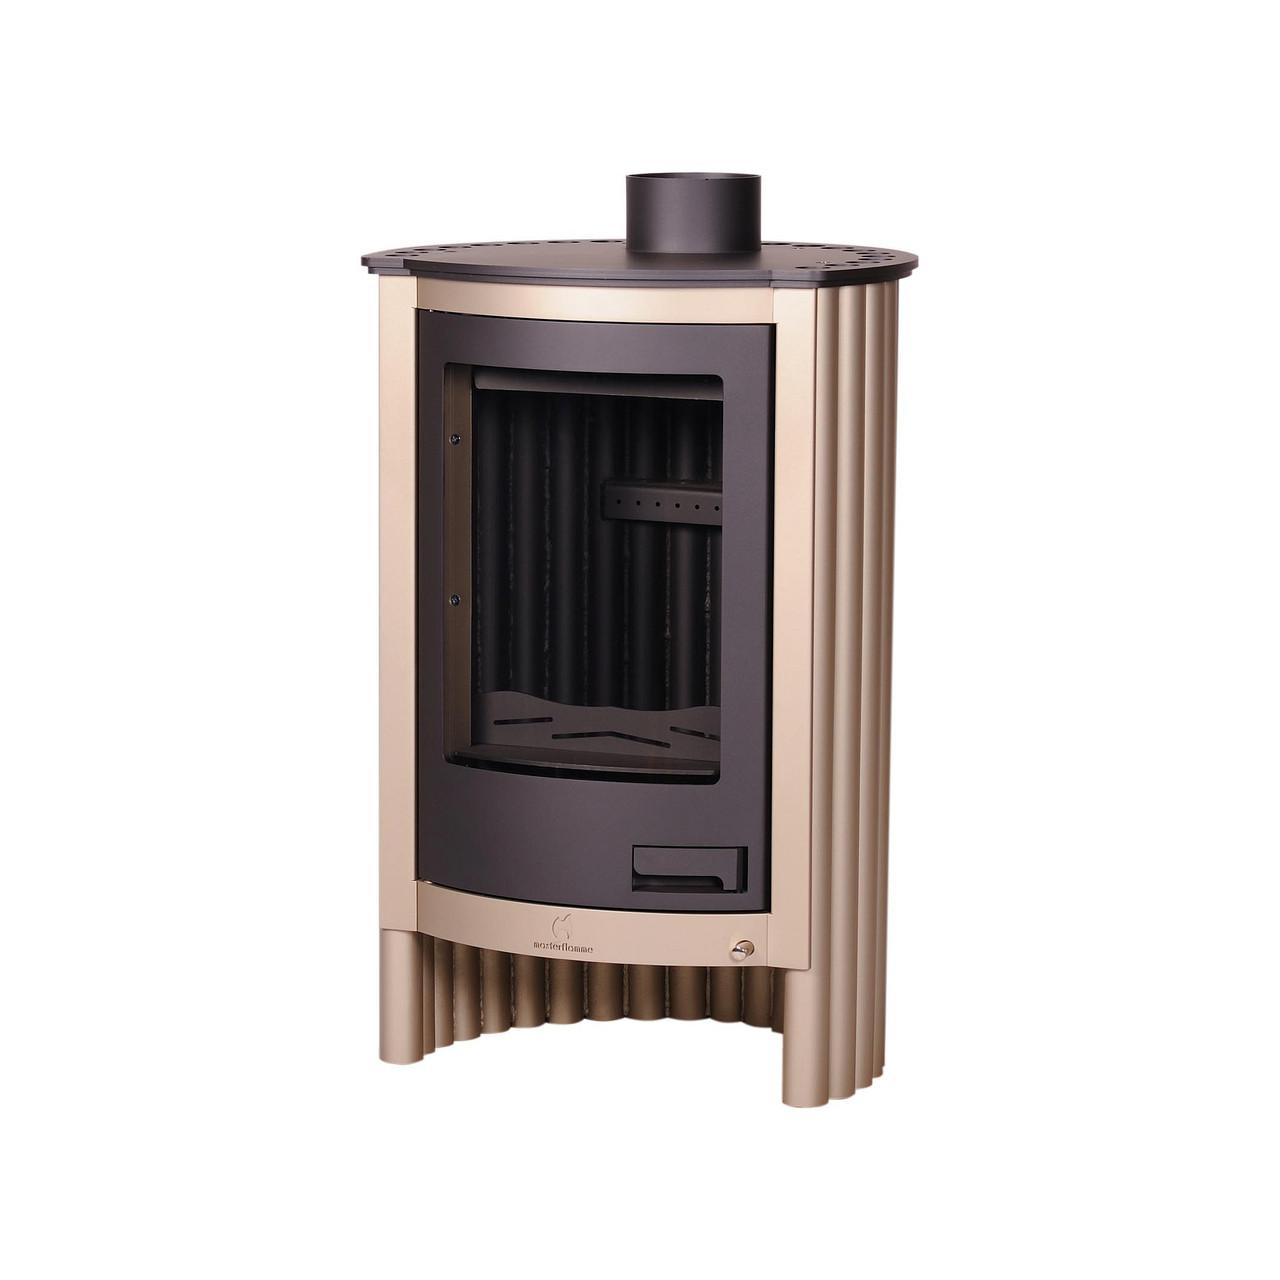 Отопительная печь-камин длительного горения Masterflamme Piccolo I (кремовый металлик)